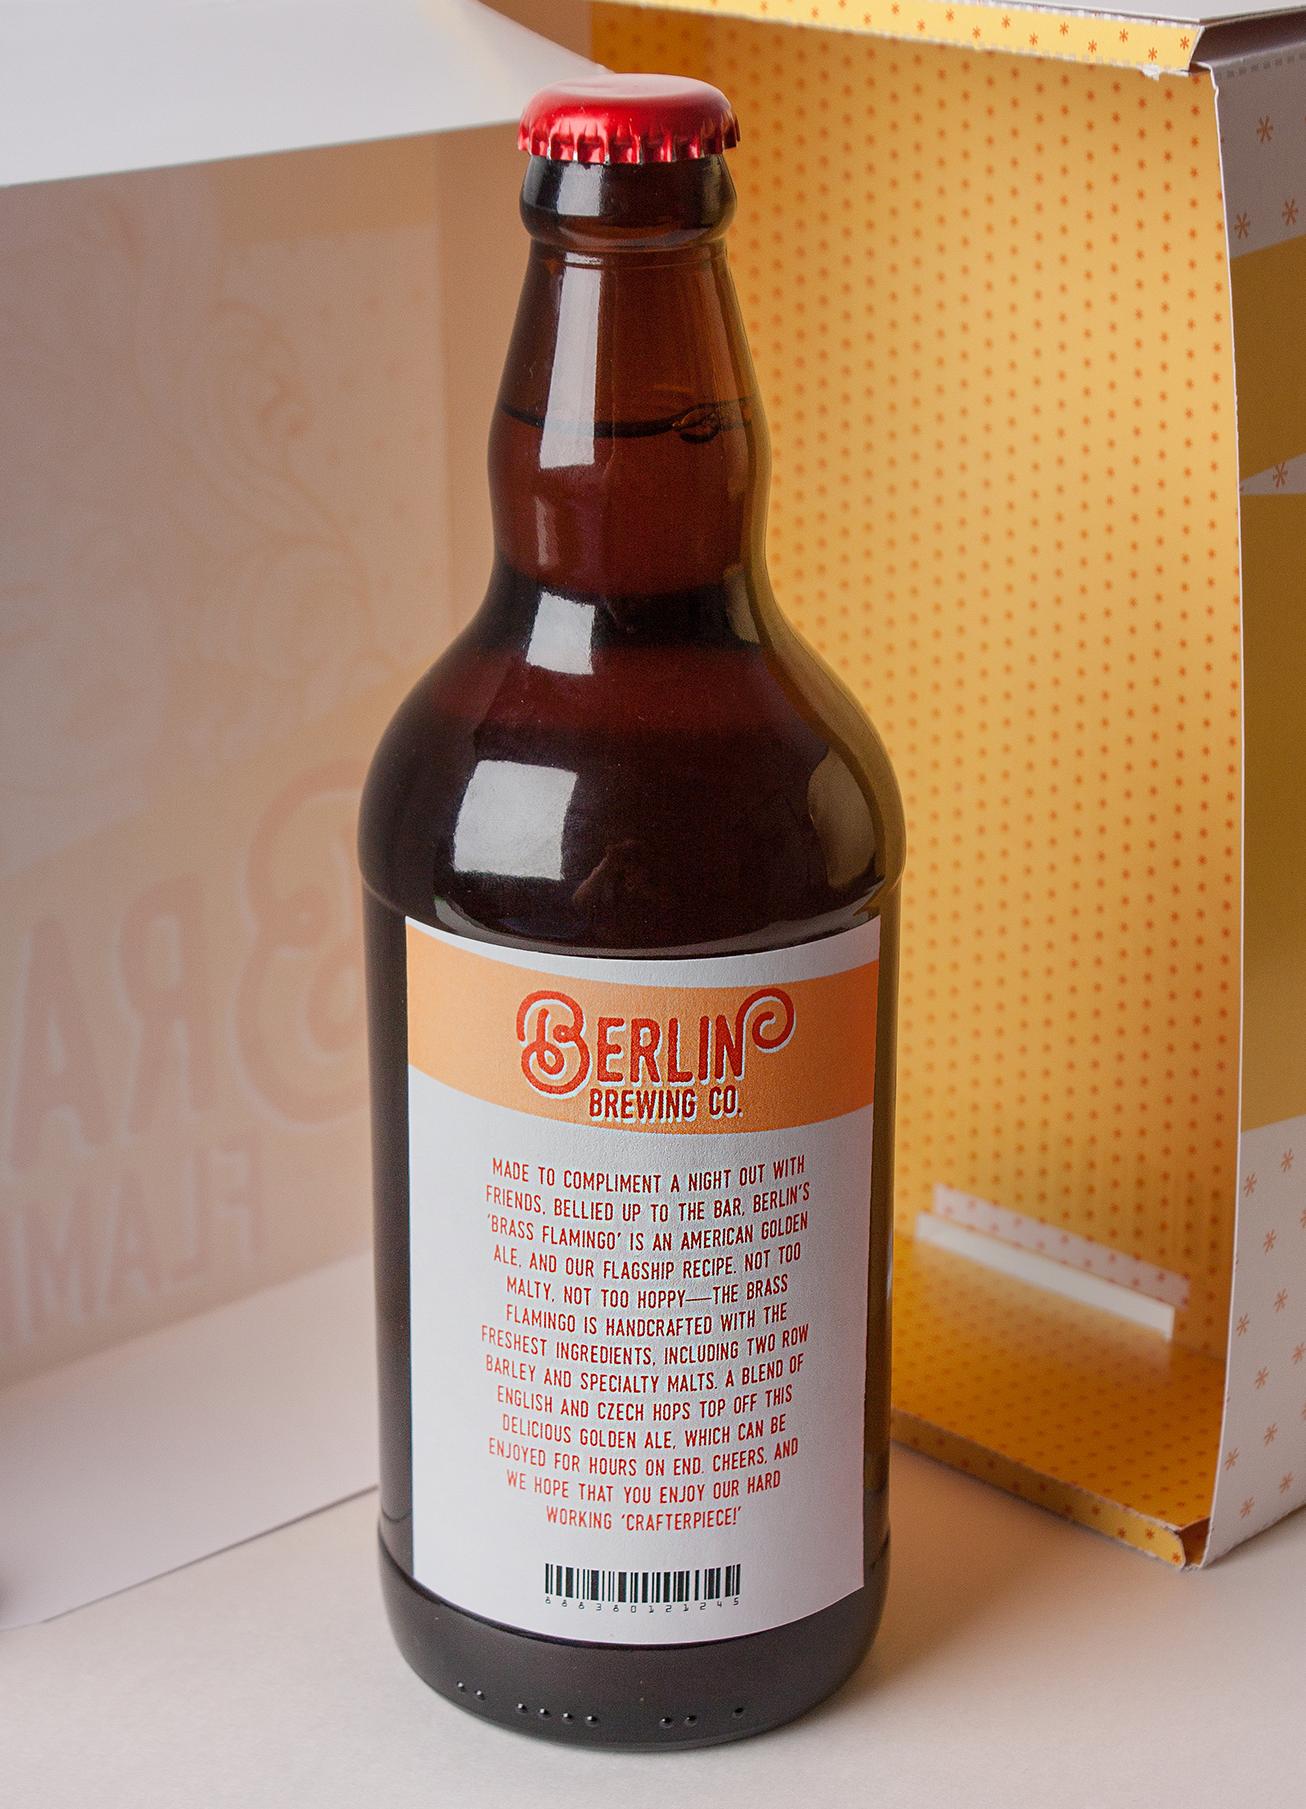 Brass Flamingo Craft Beer Backside Label